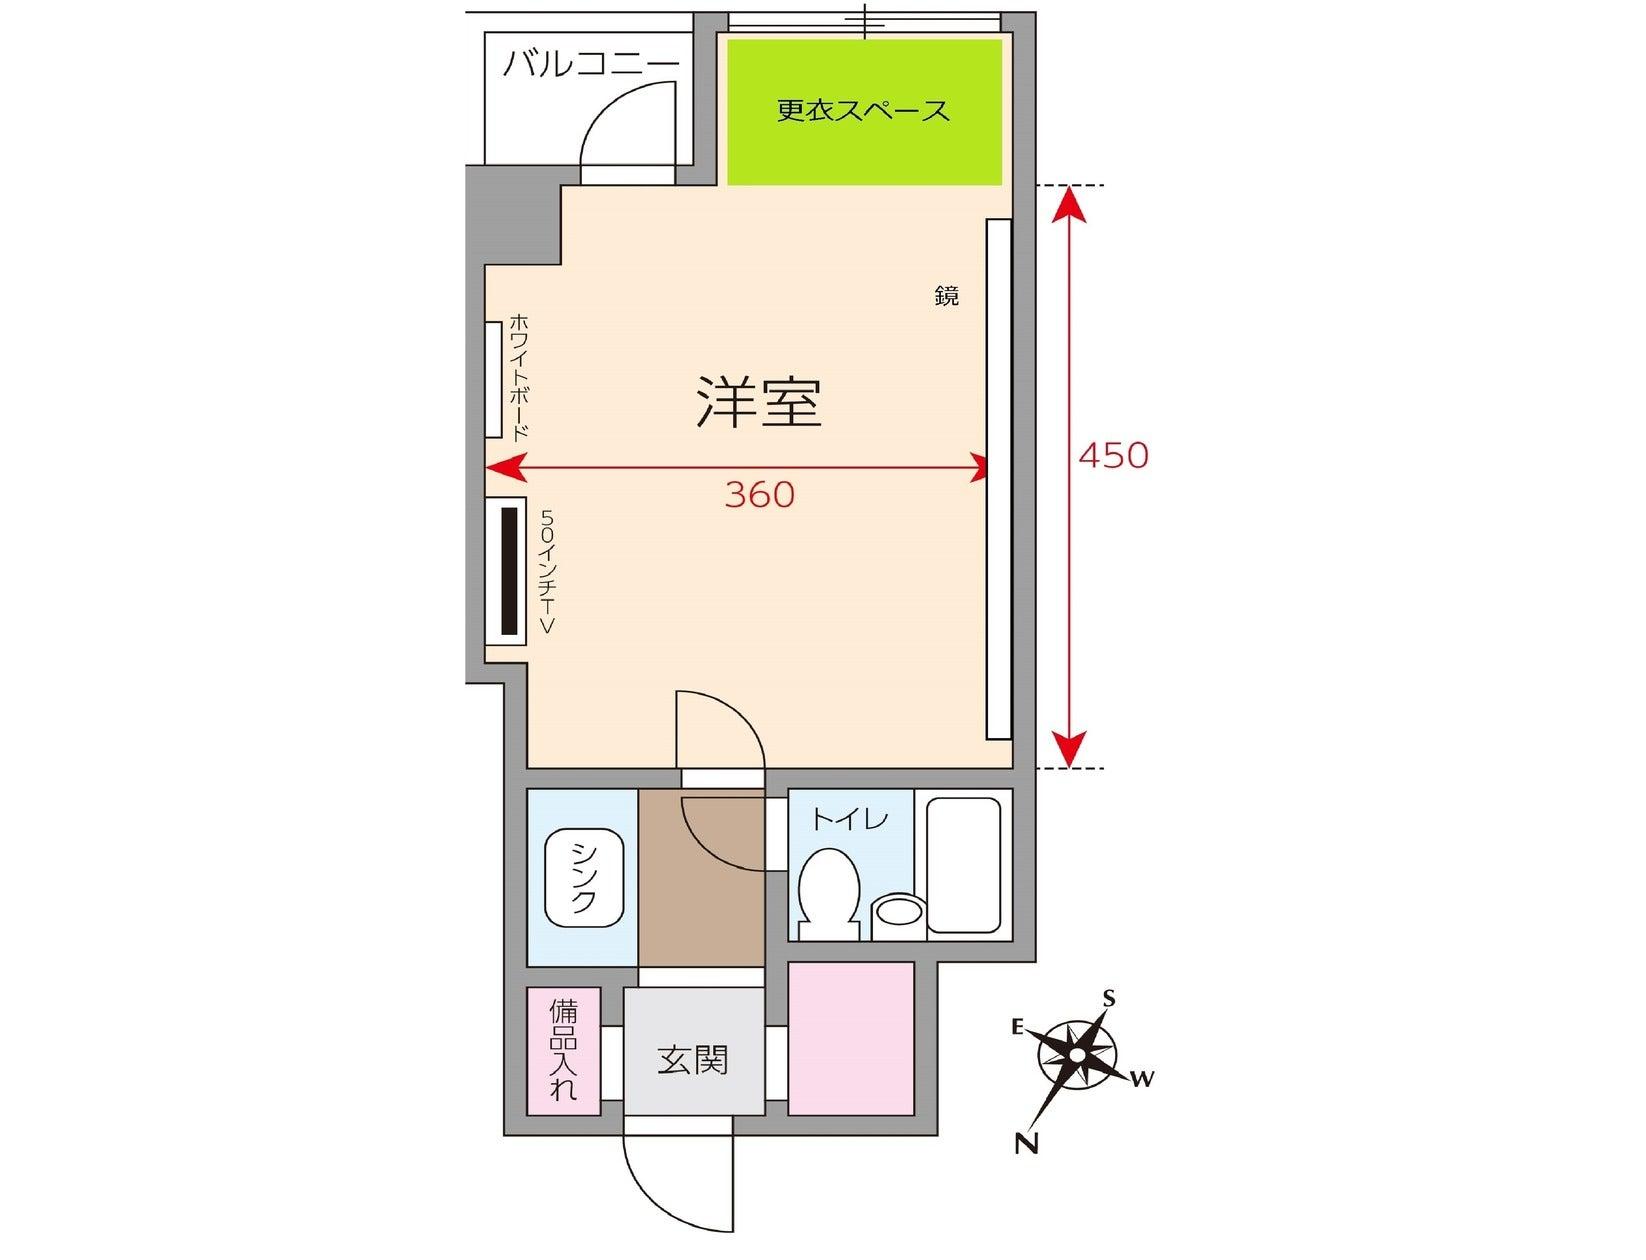 【横浜駅】大型鏡付き!ダンスやヨガができるフロアタイル!平日1時間1500円で大型モニター、WiFi完備 の写真